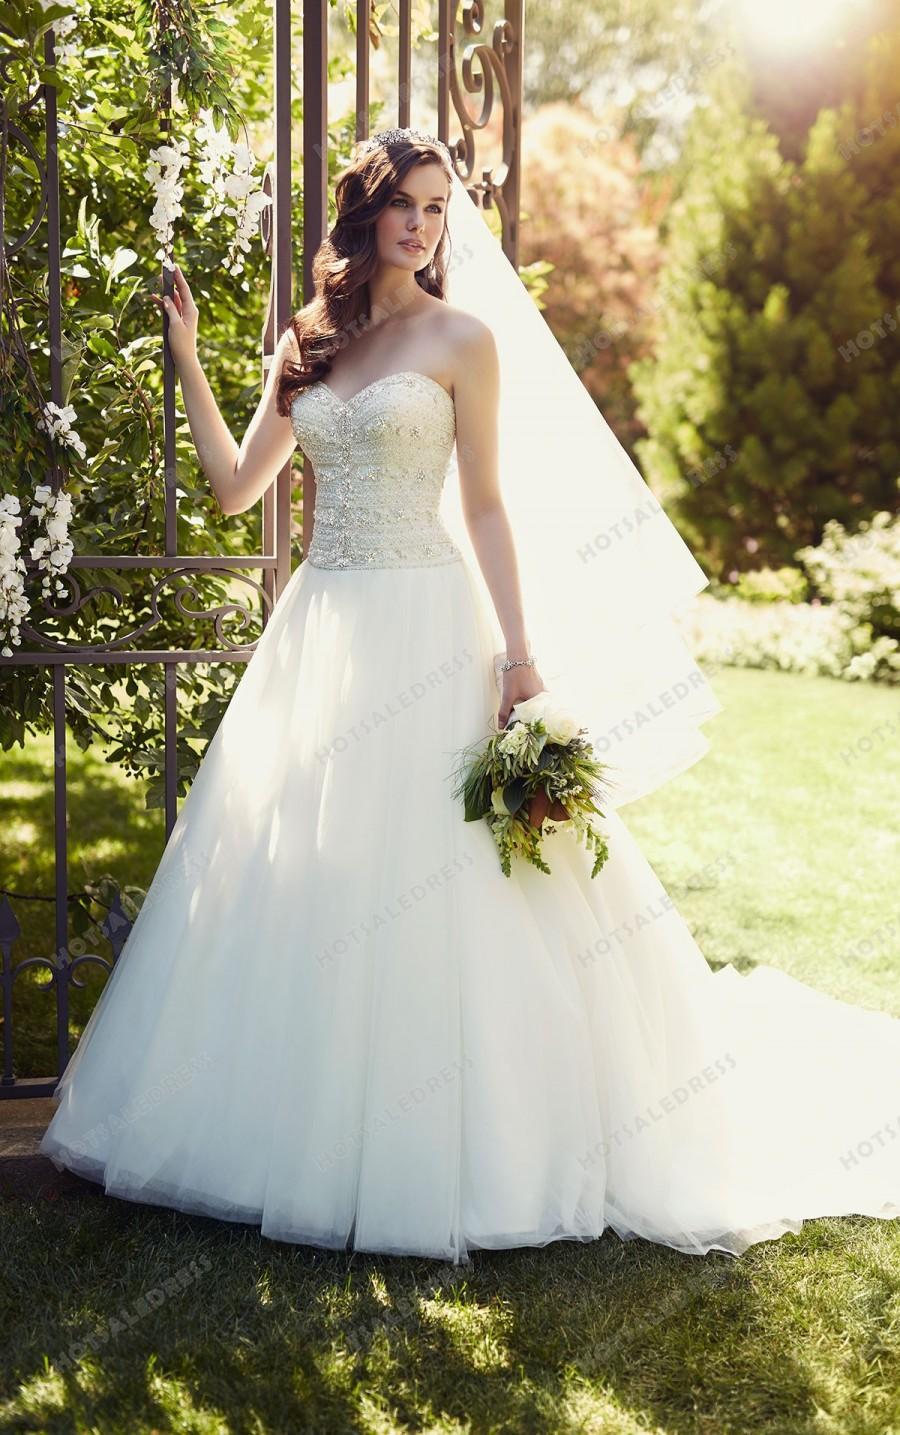 زفاف - Essense of Australia Strapless Designer Wedding Dresses Style D1812